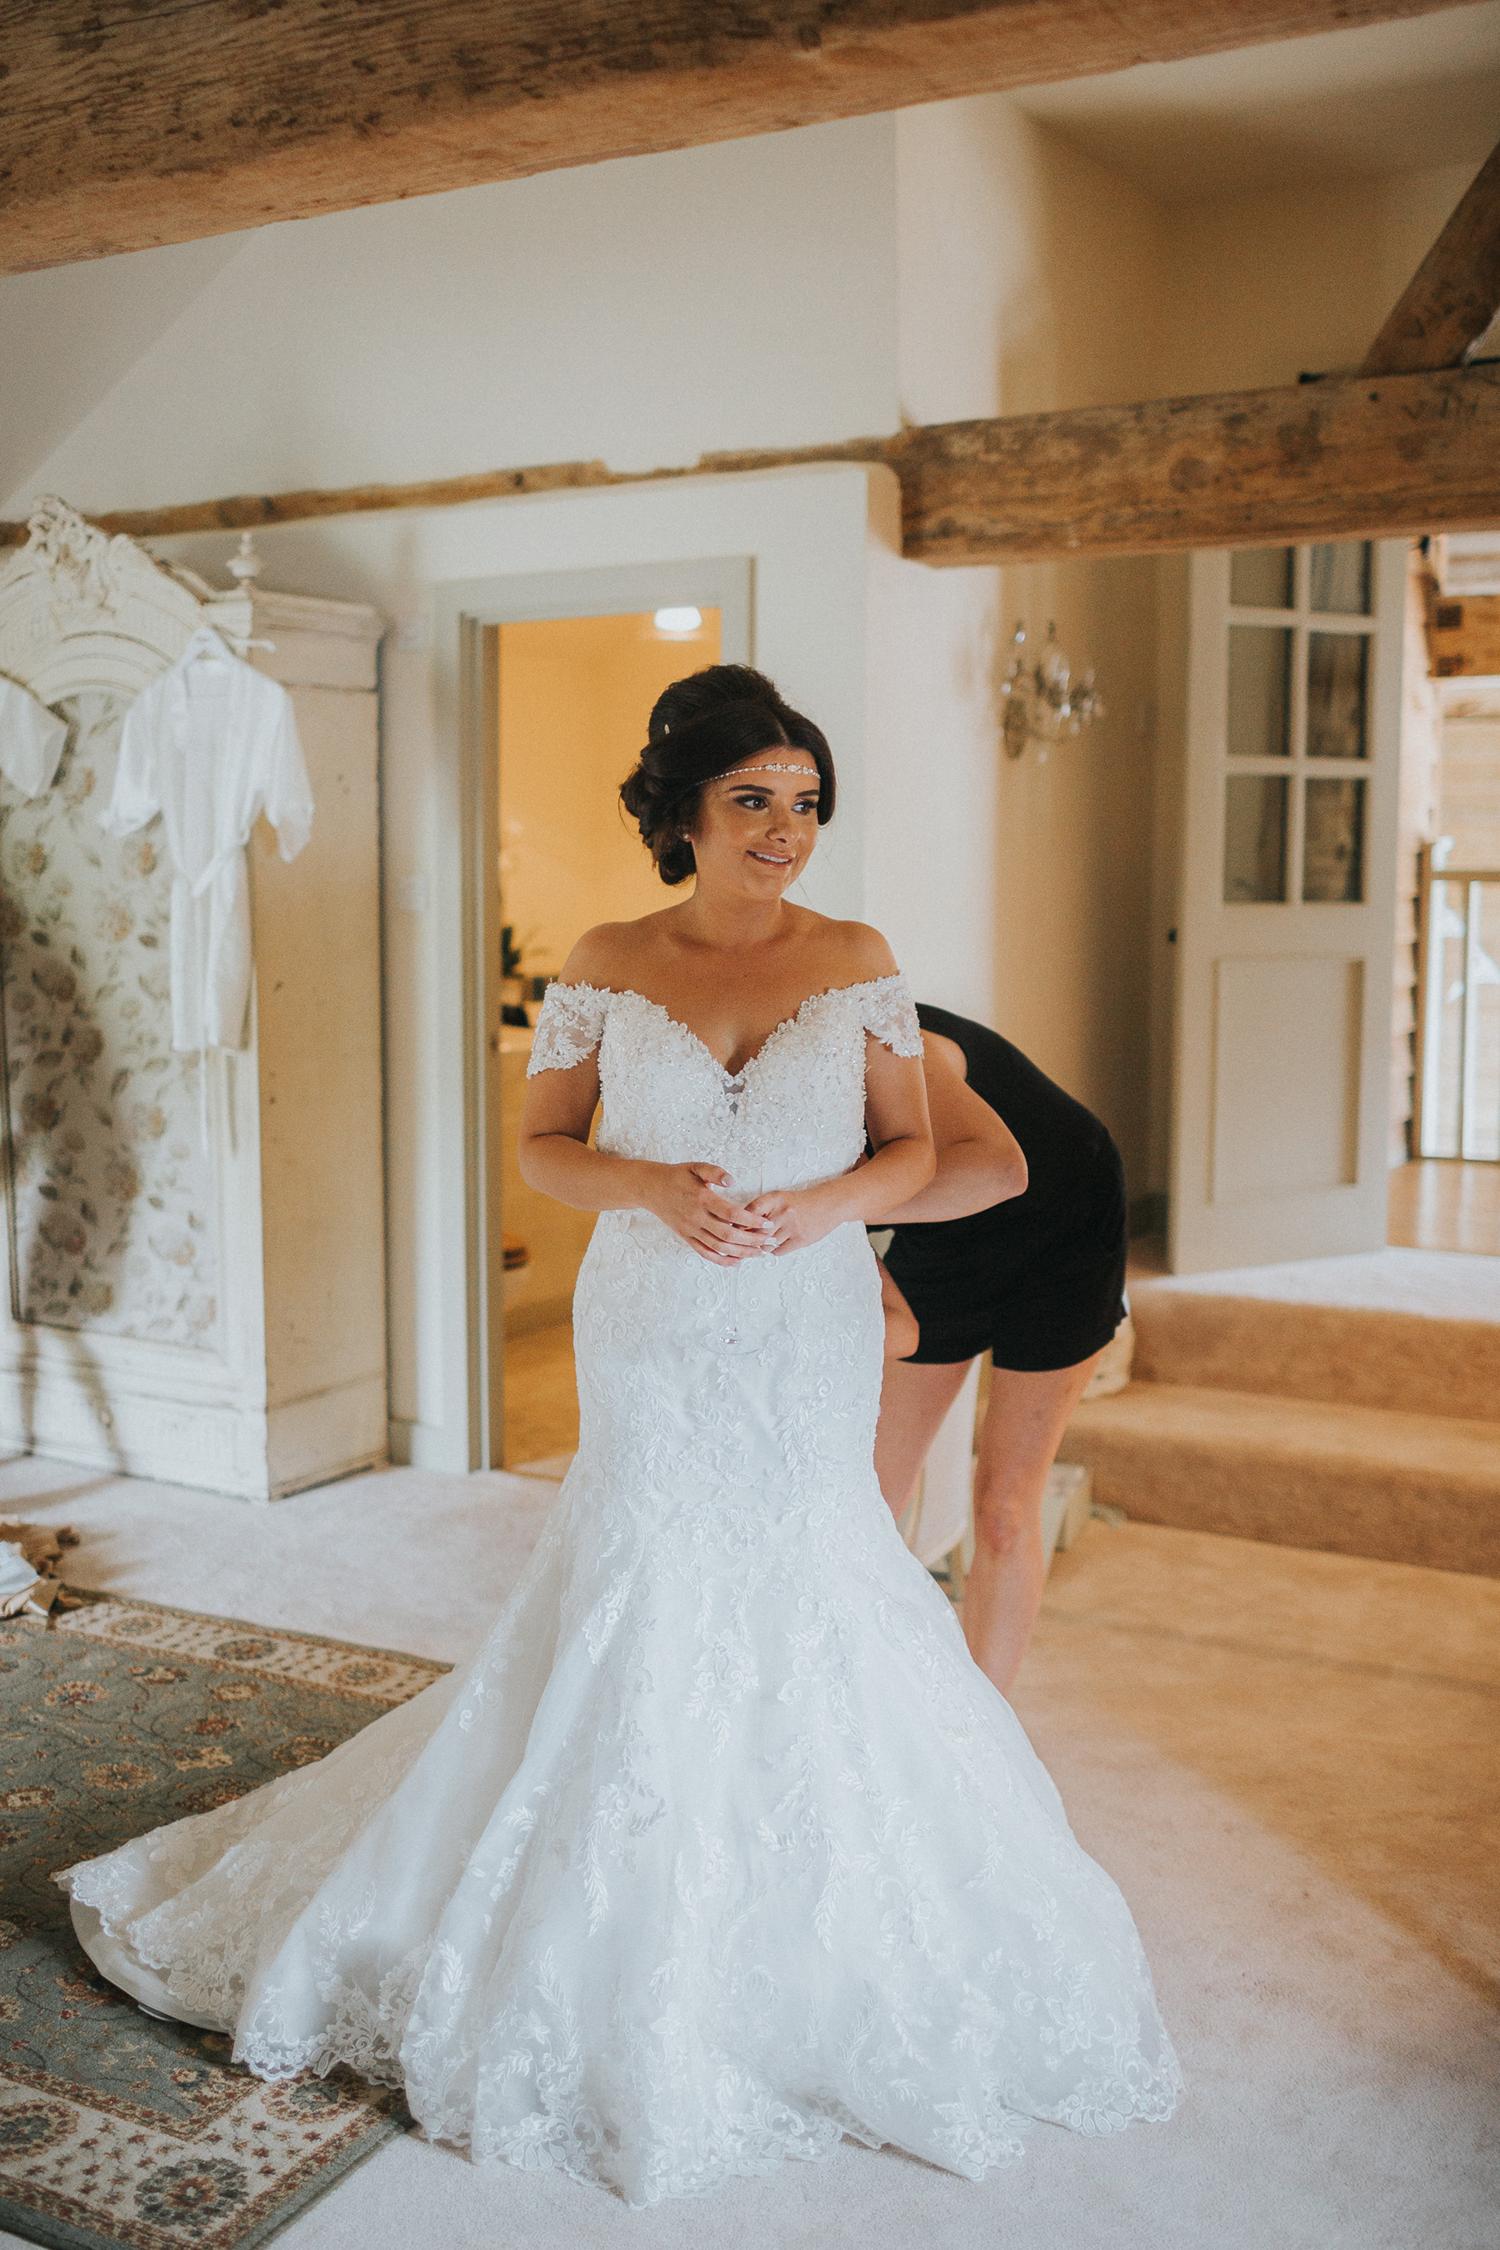 Upwaltham Barns Wedding029.jpg